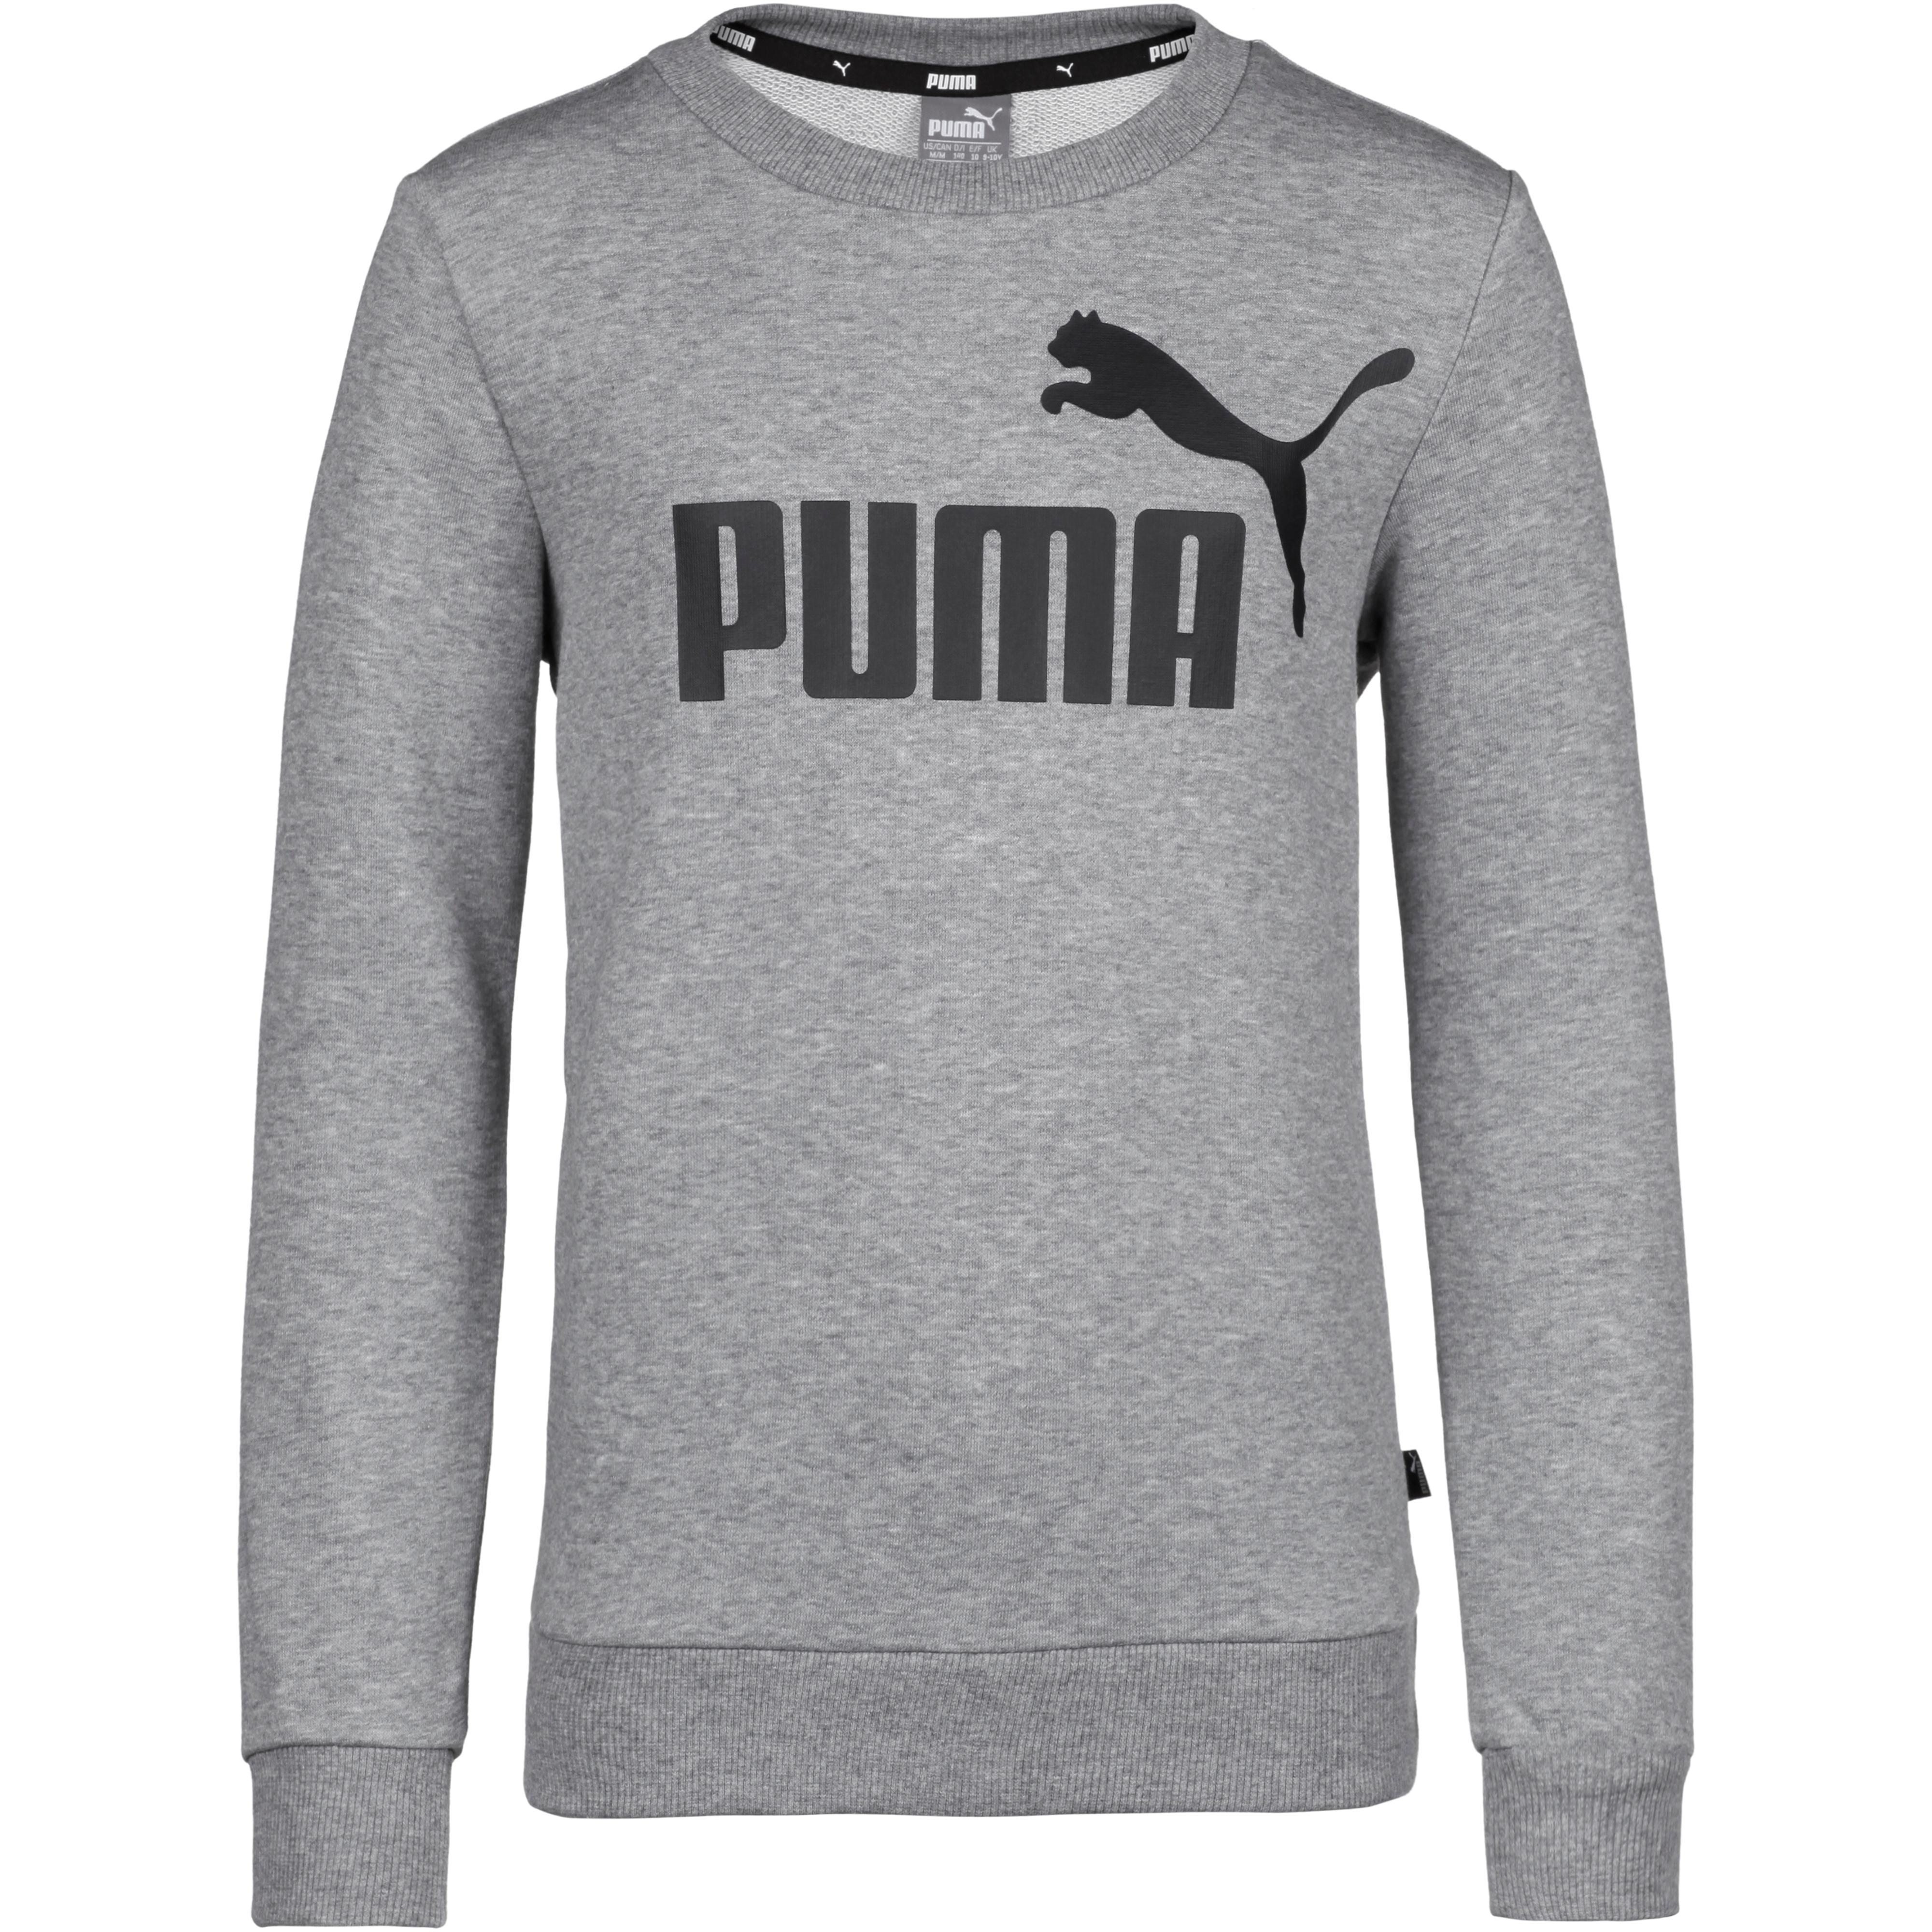 PUMA Sweatshirt Jungen medium gray heather im Online Shop